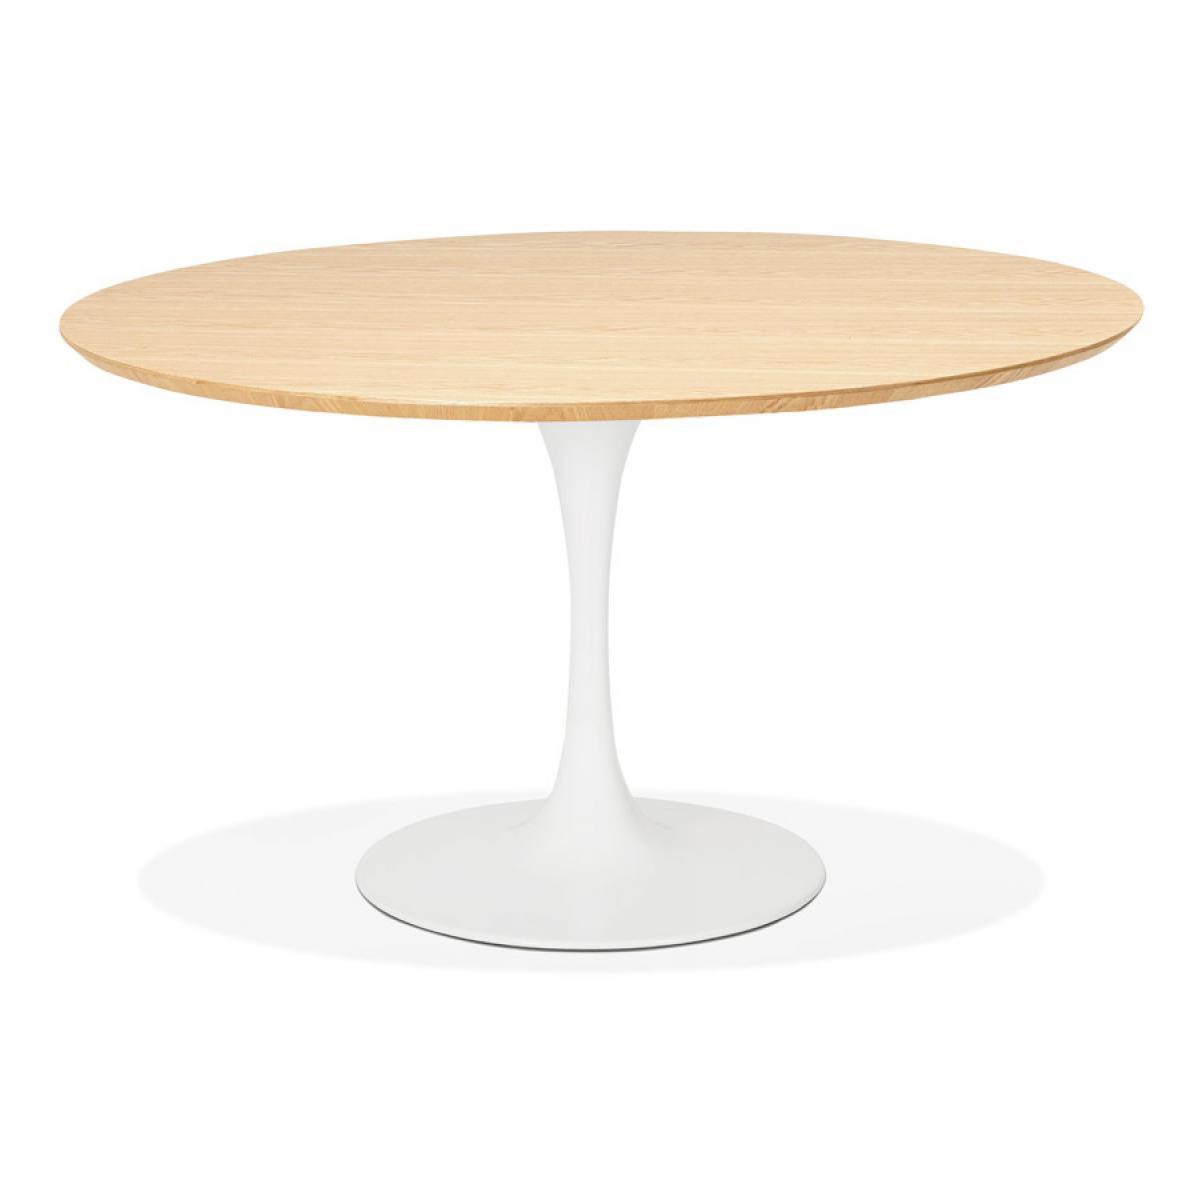 Alterego Table à dîner / de bureau ronde design 'GLOBO' en bois finition naturelle et pied central en métal blanc - Ø120 cm